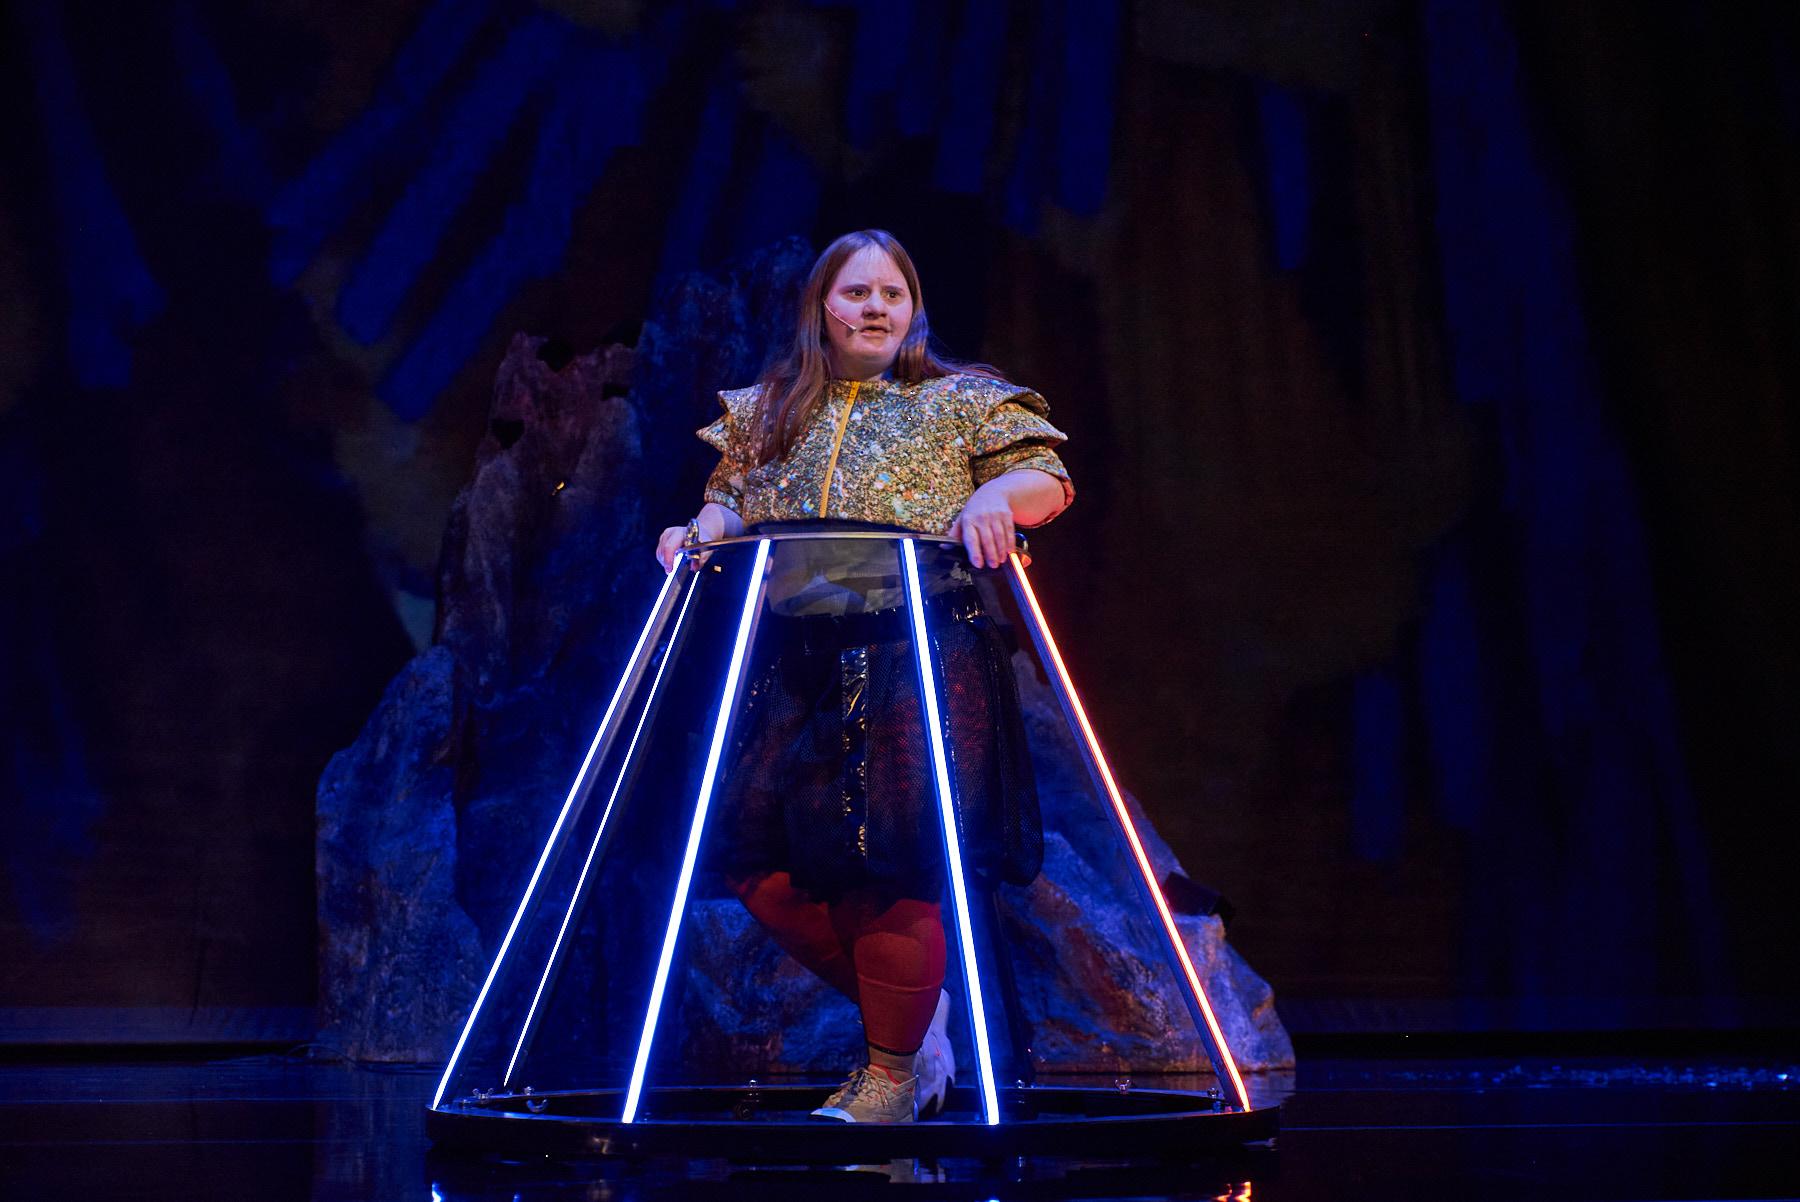 Julia Häusermann steht auf einer dunklen Bühne. Sie trägt ein buntes Outfit. Um sie herum ist ein Konstrukt mit Leuchtstäben, welches eine Art Reifrock darstellen könnte